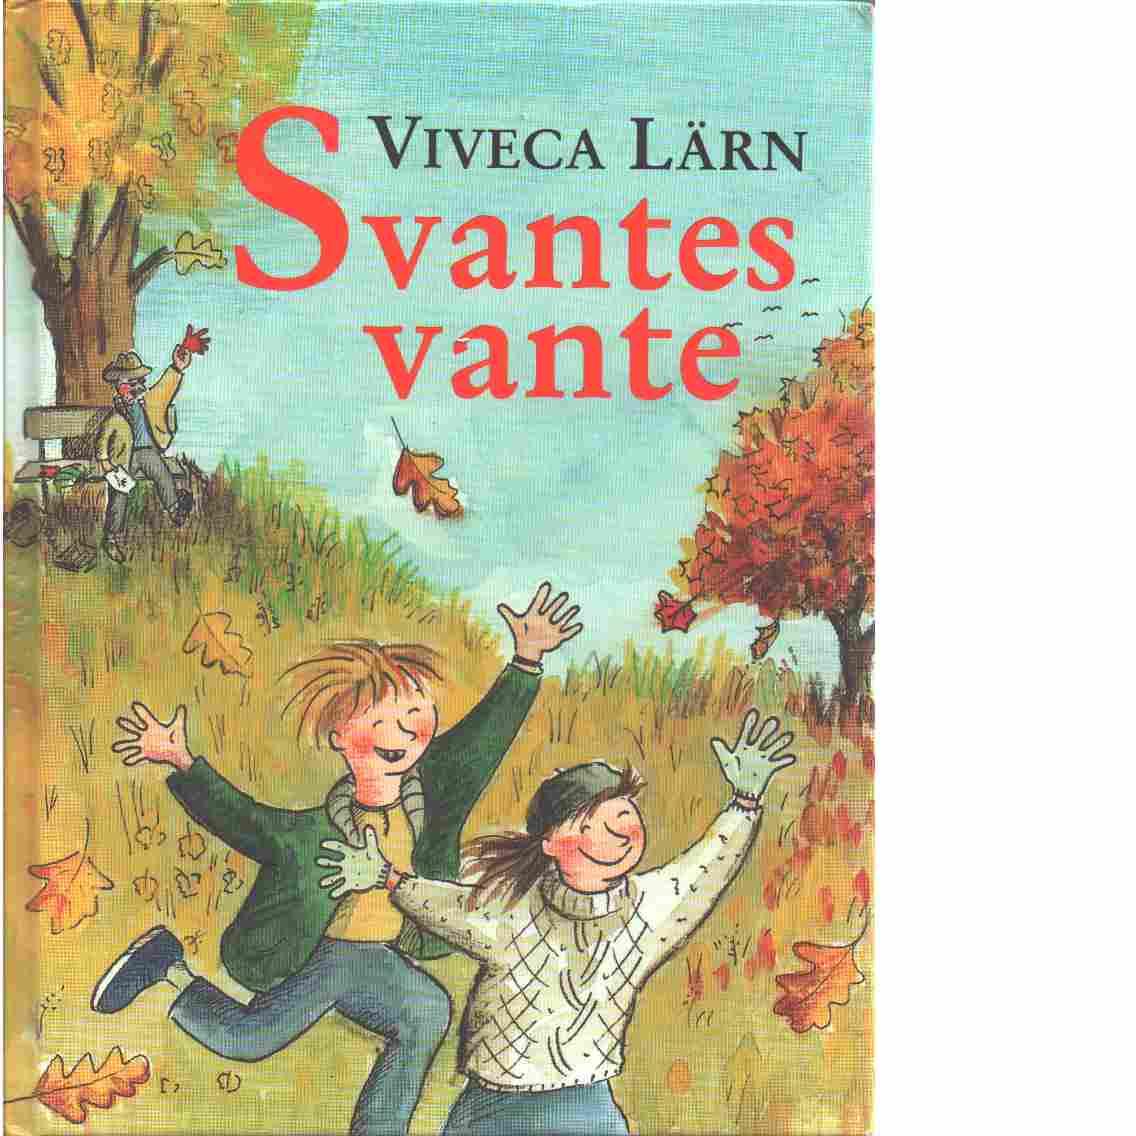 Svantes vante - Lärn, Viveca